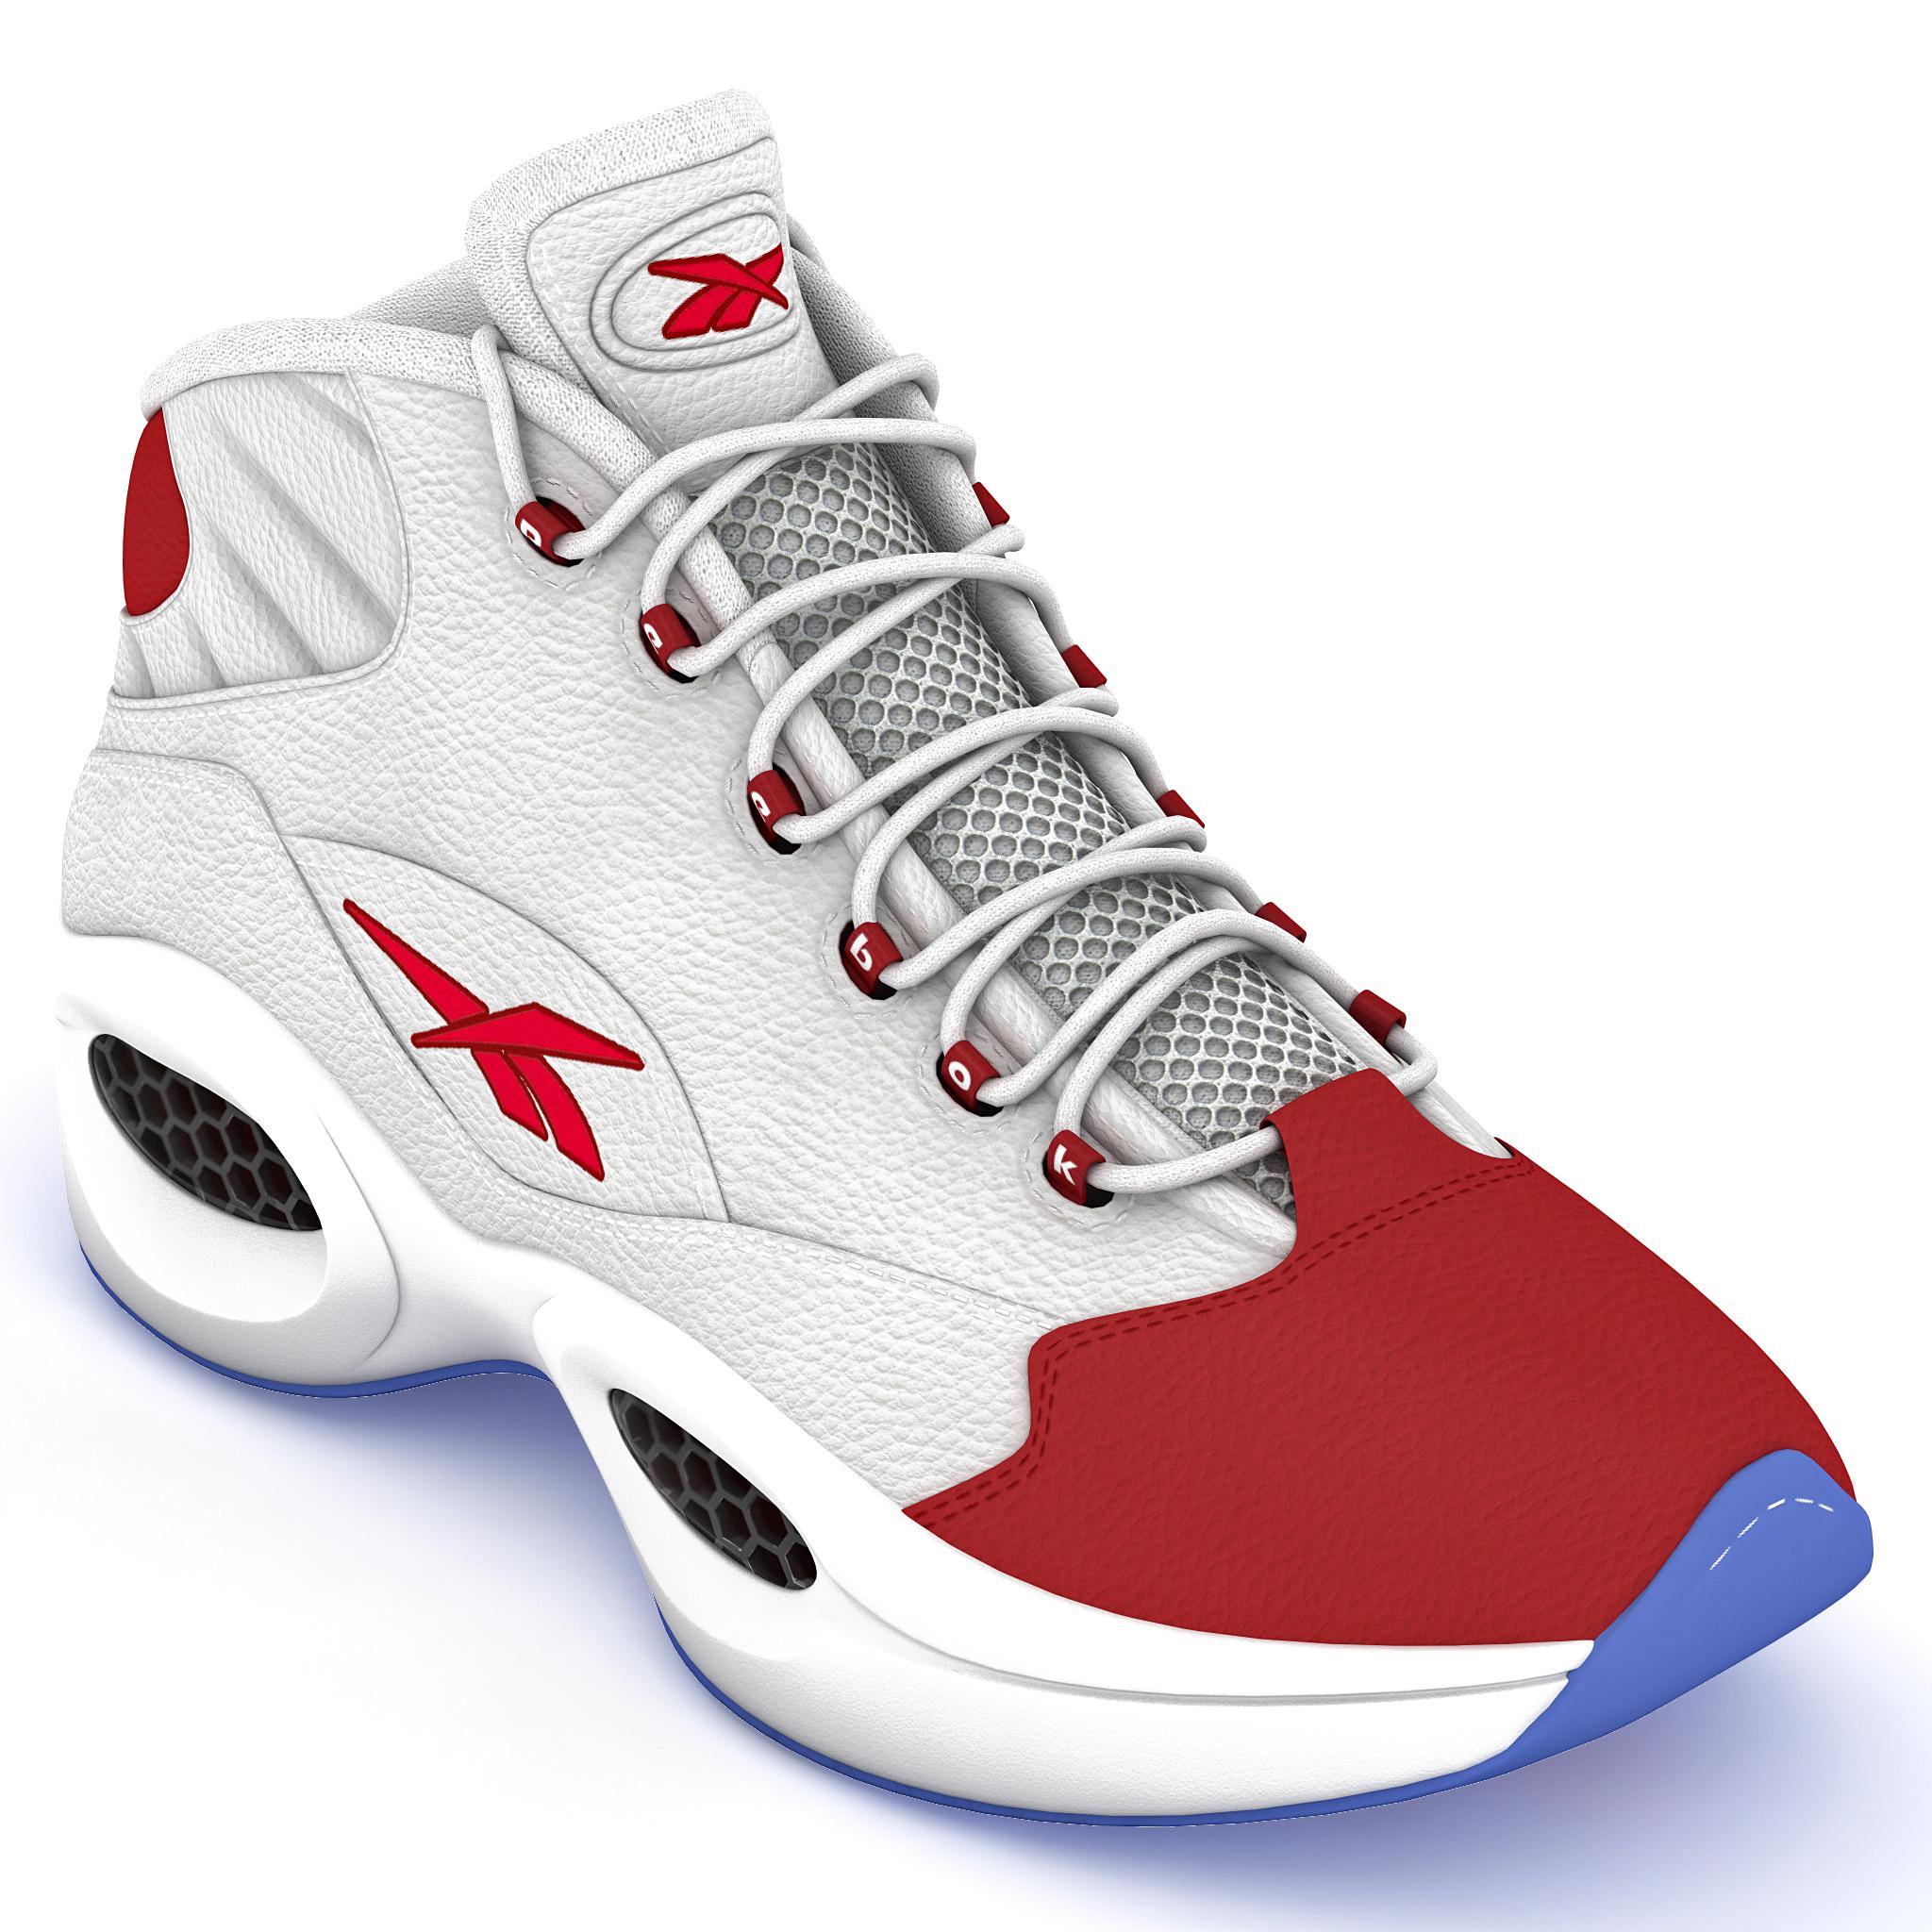 shoes reebok question 159 jpg b ray model